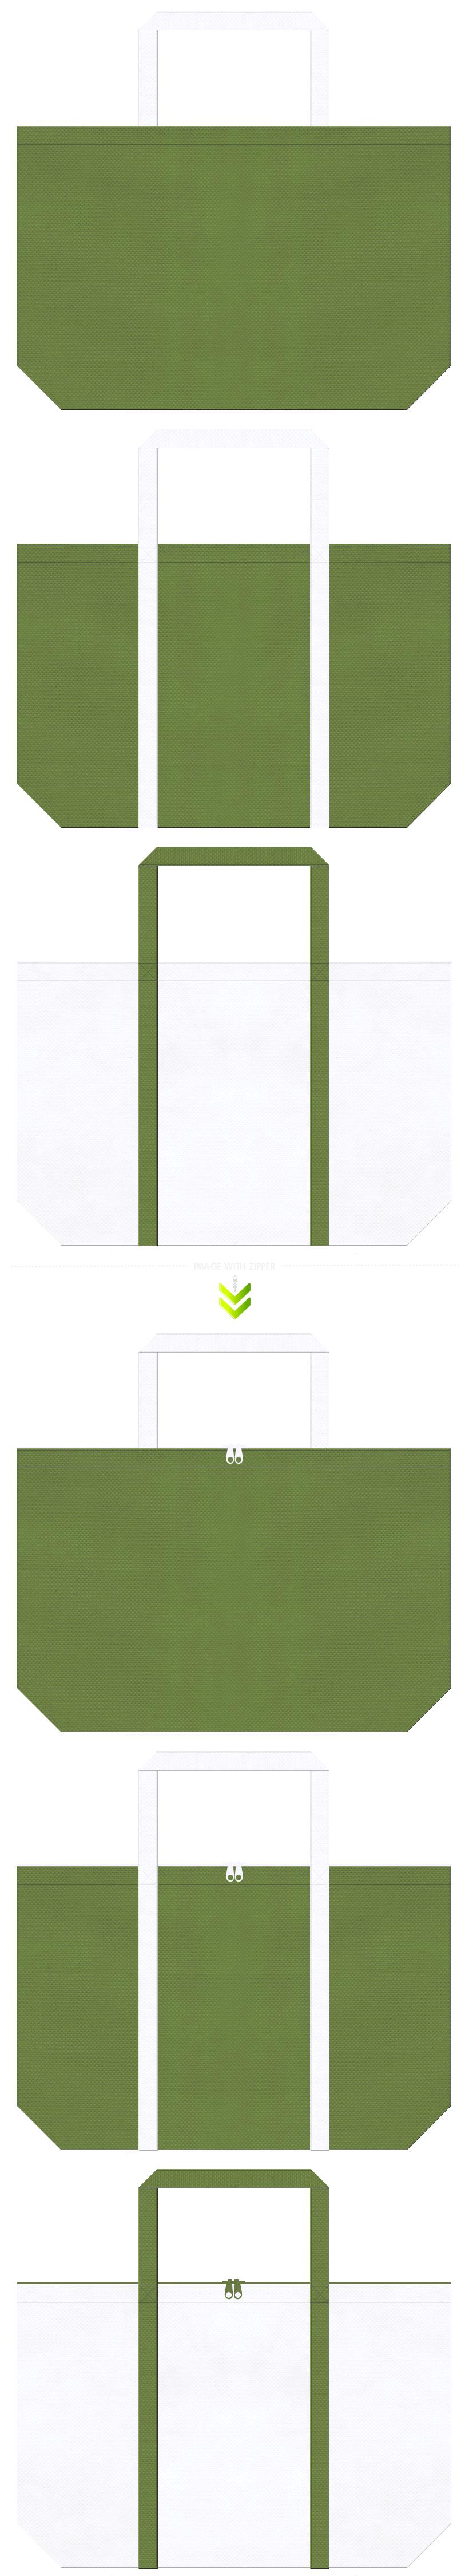 抹茶アイス・抹茶氷・プランター・園芸用品の展示会用バッグにお奨めの不織布バッグデザイン:草色と白色のコーデ